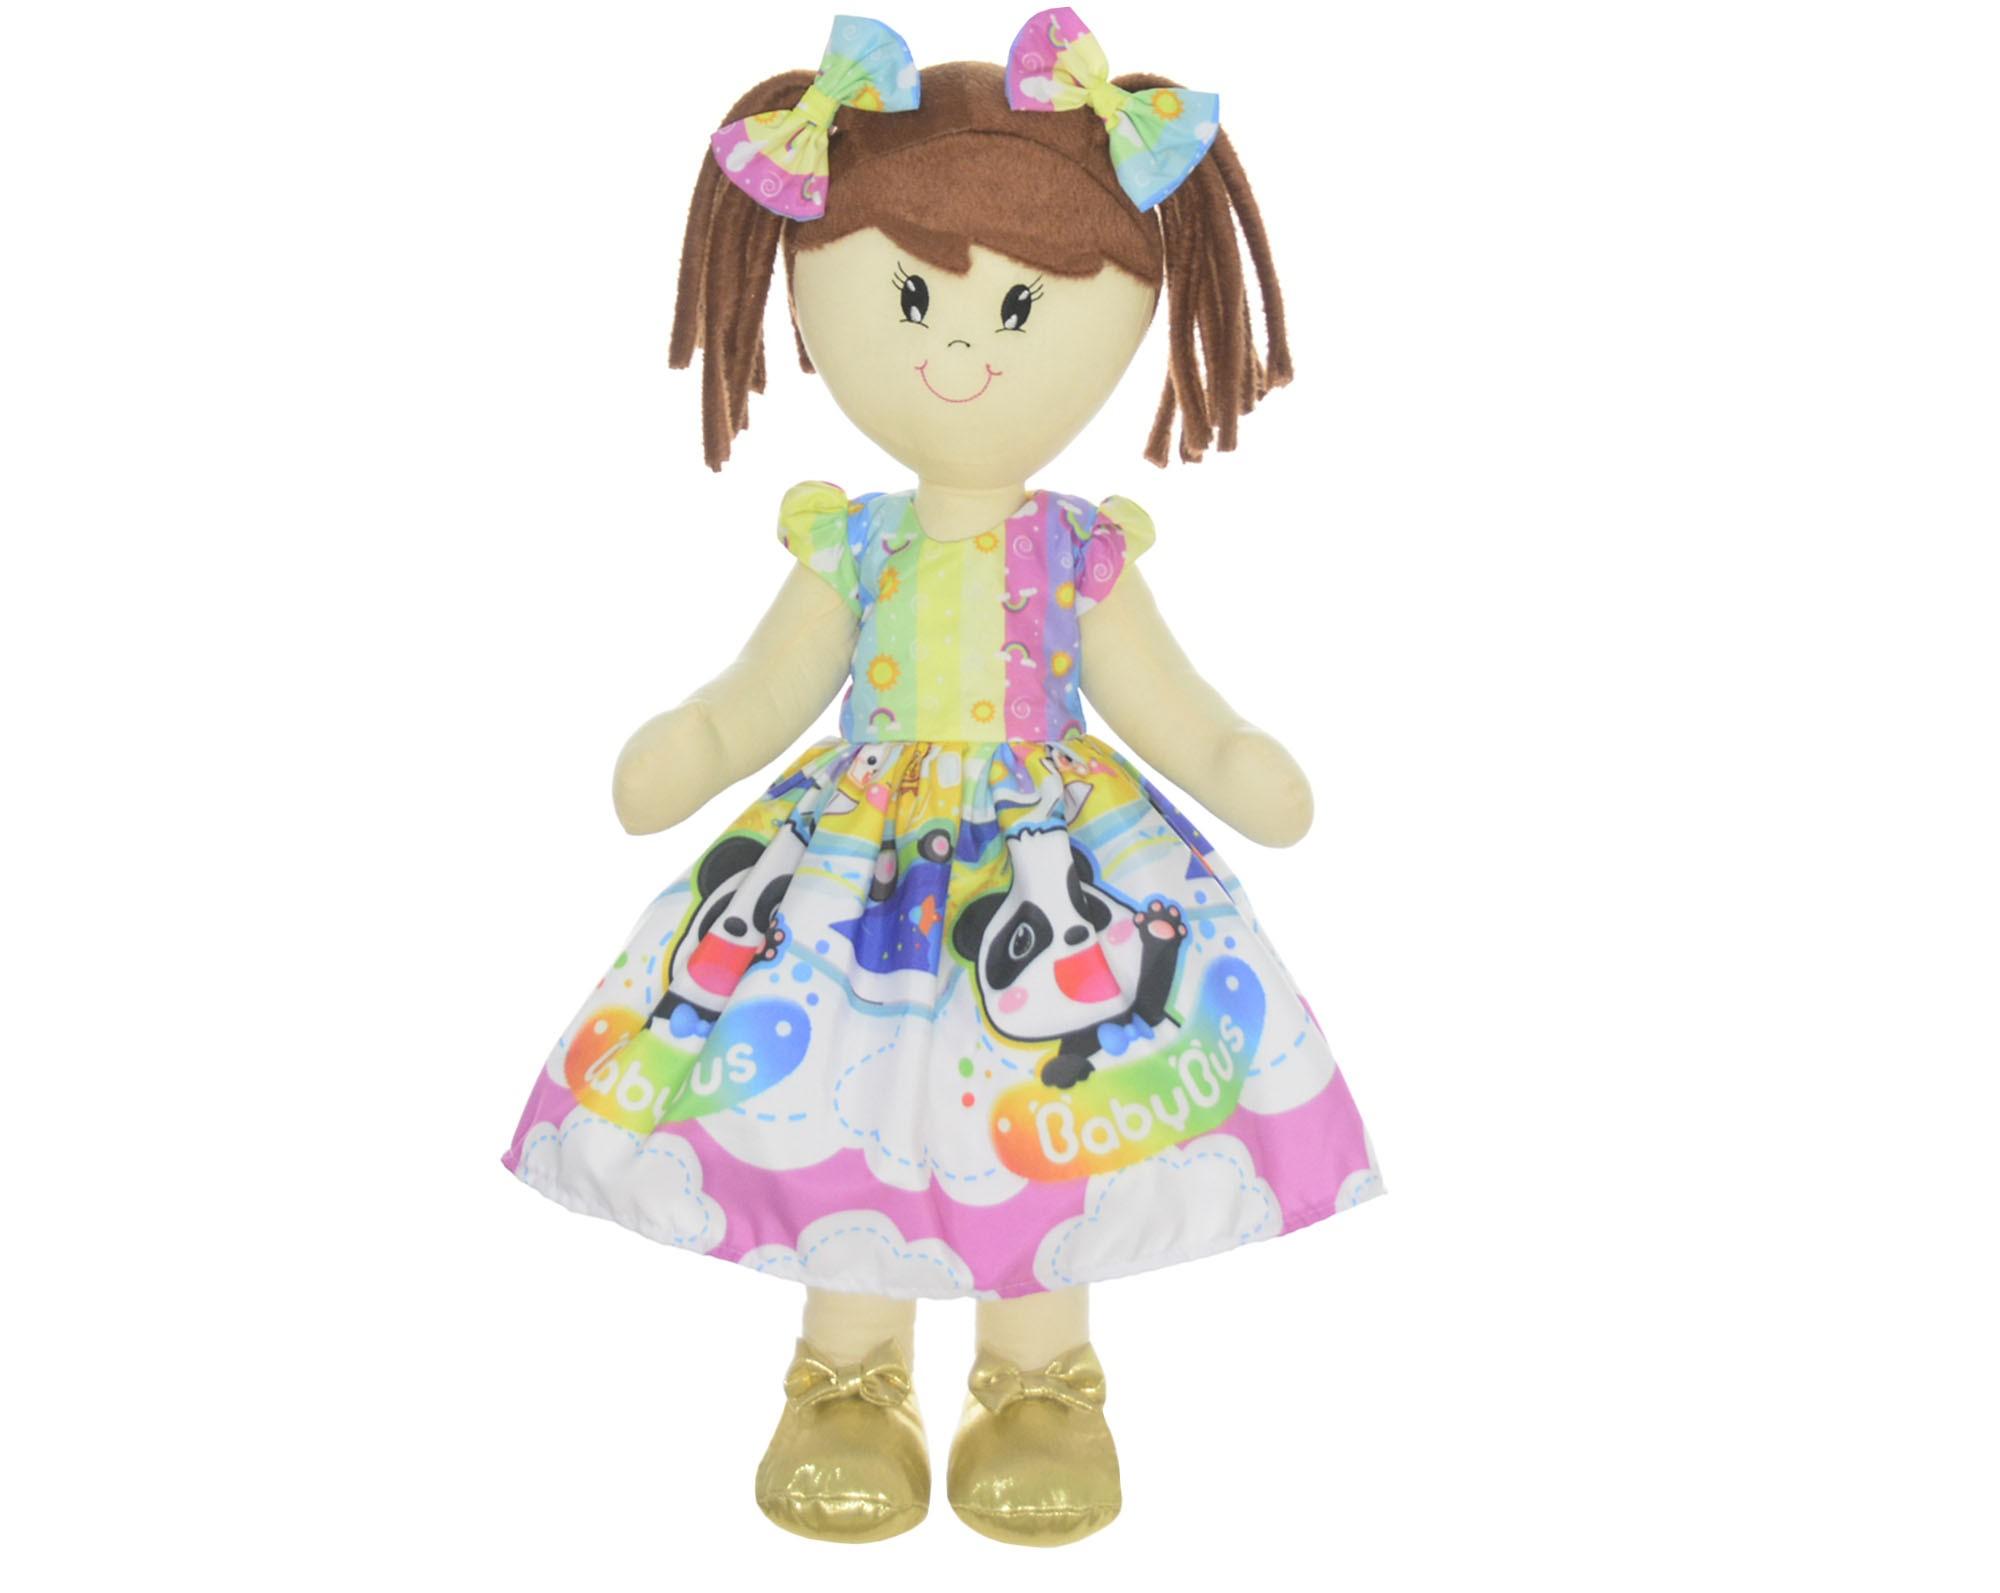 Boneca de Pano Mari com Roupa tema Ursinhos Carinhosos